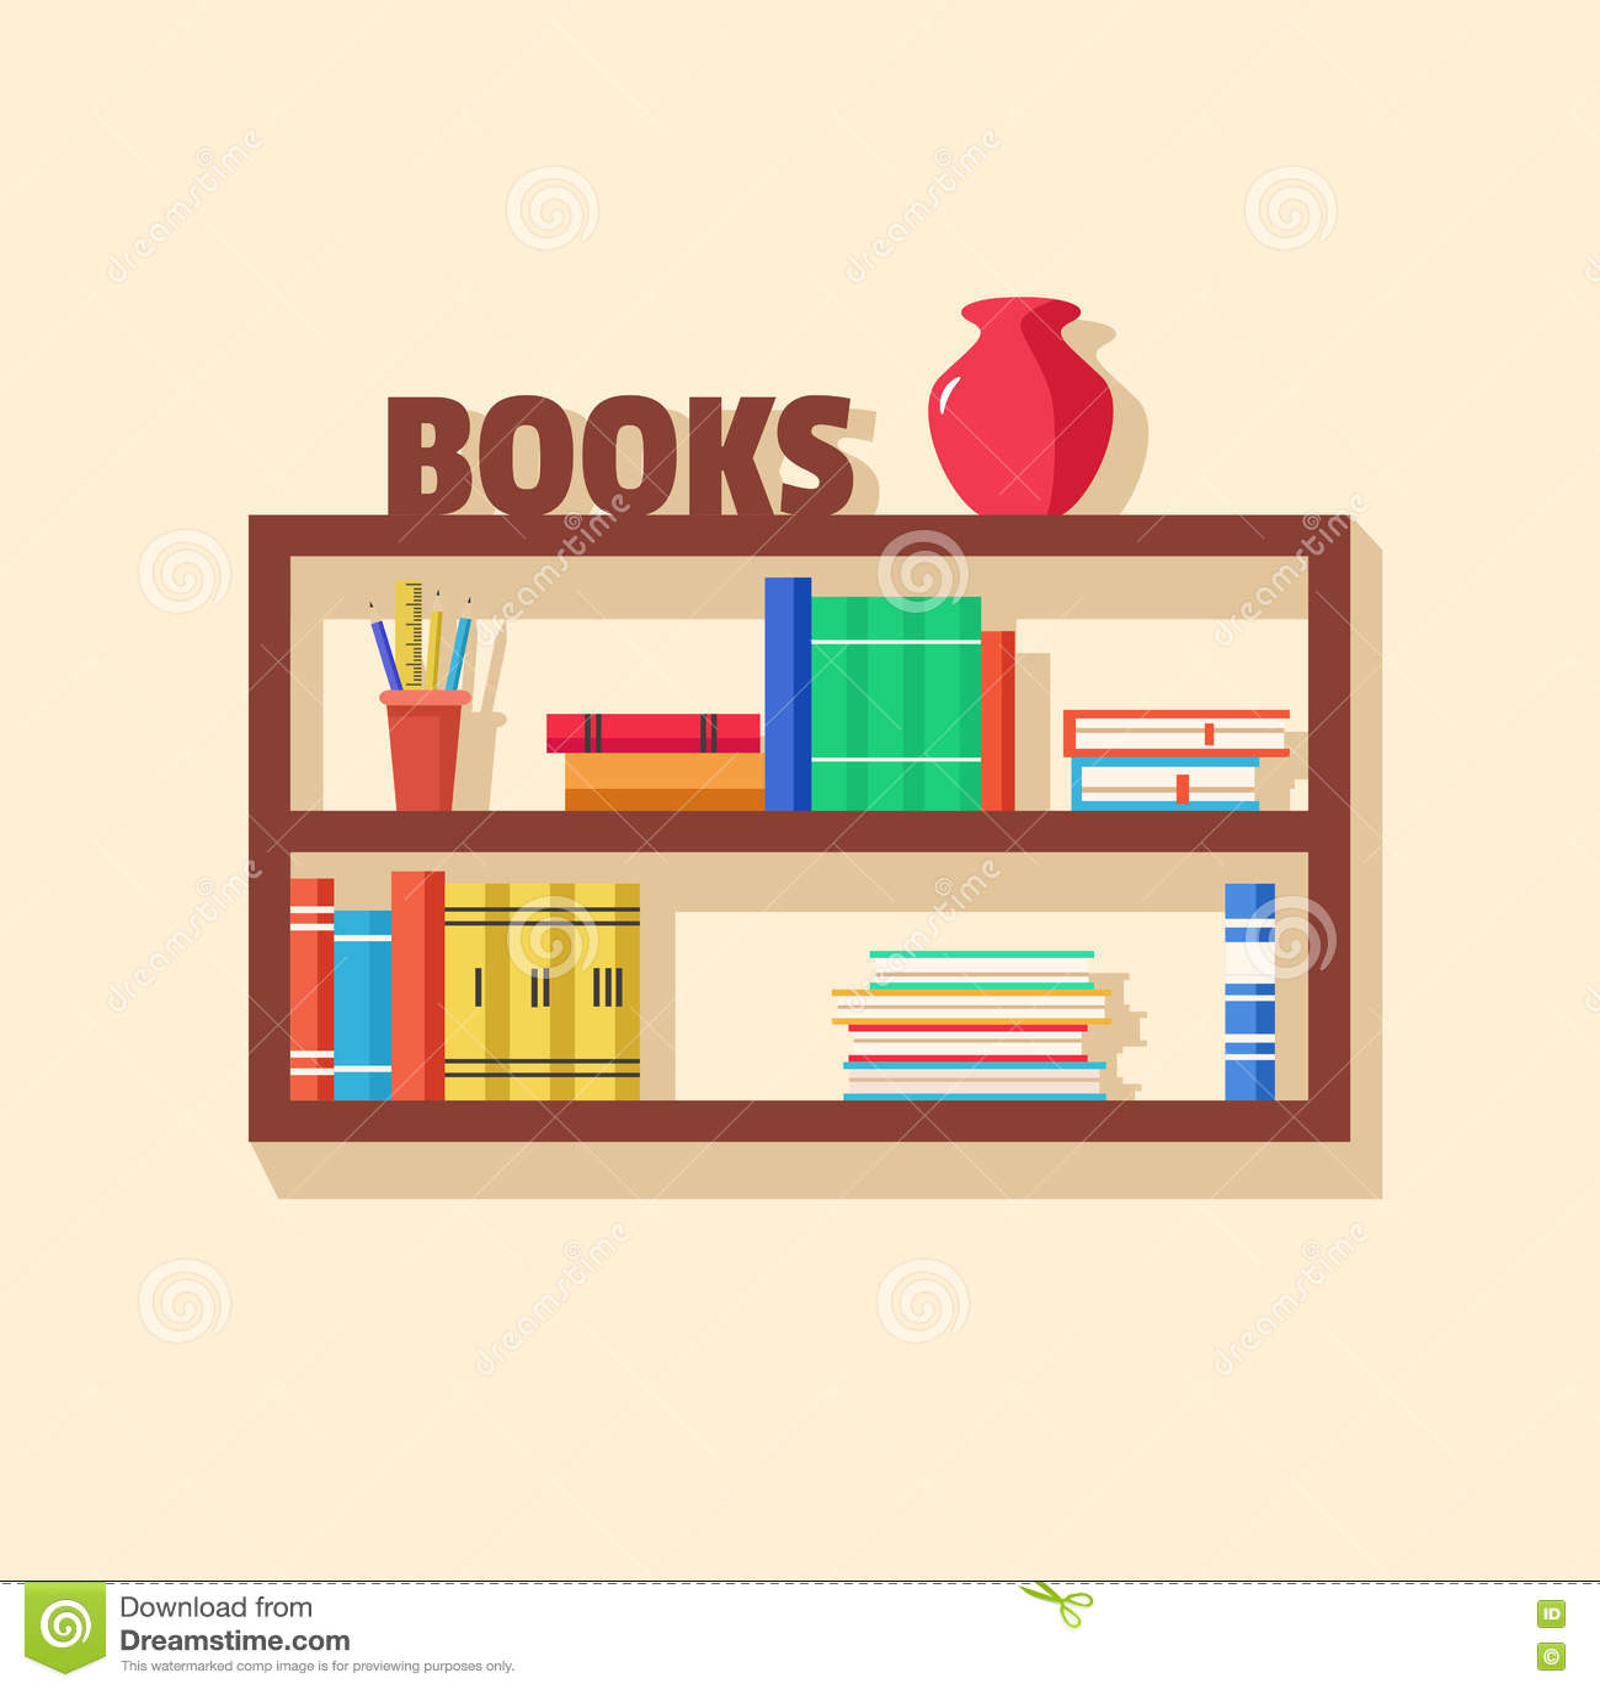 Interior wooden shelves free vector - Books Bookshelf Bookshelves Collection Flat Illustration Interior Vector Wooden